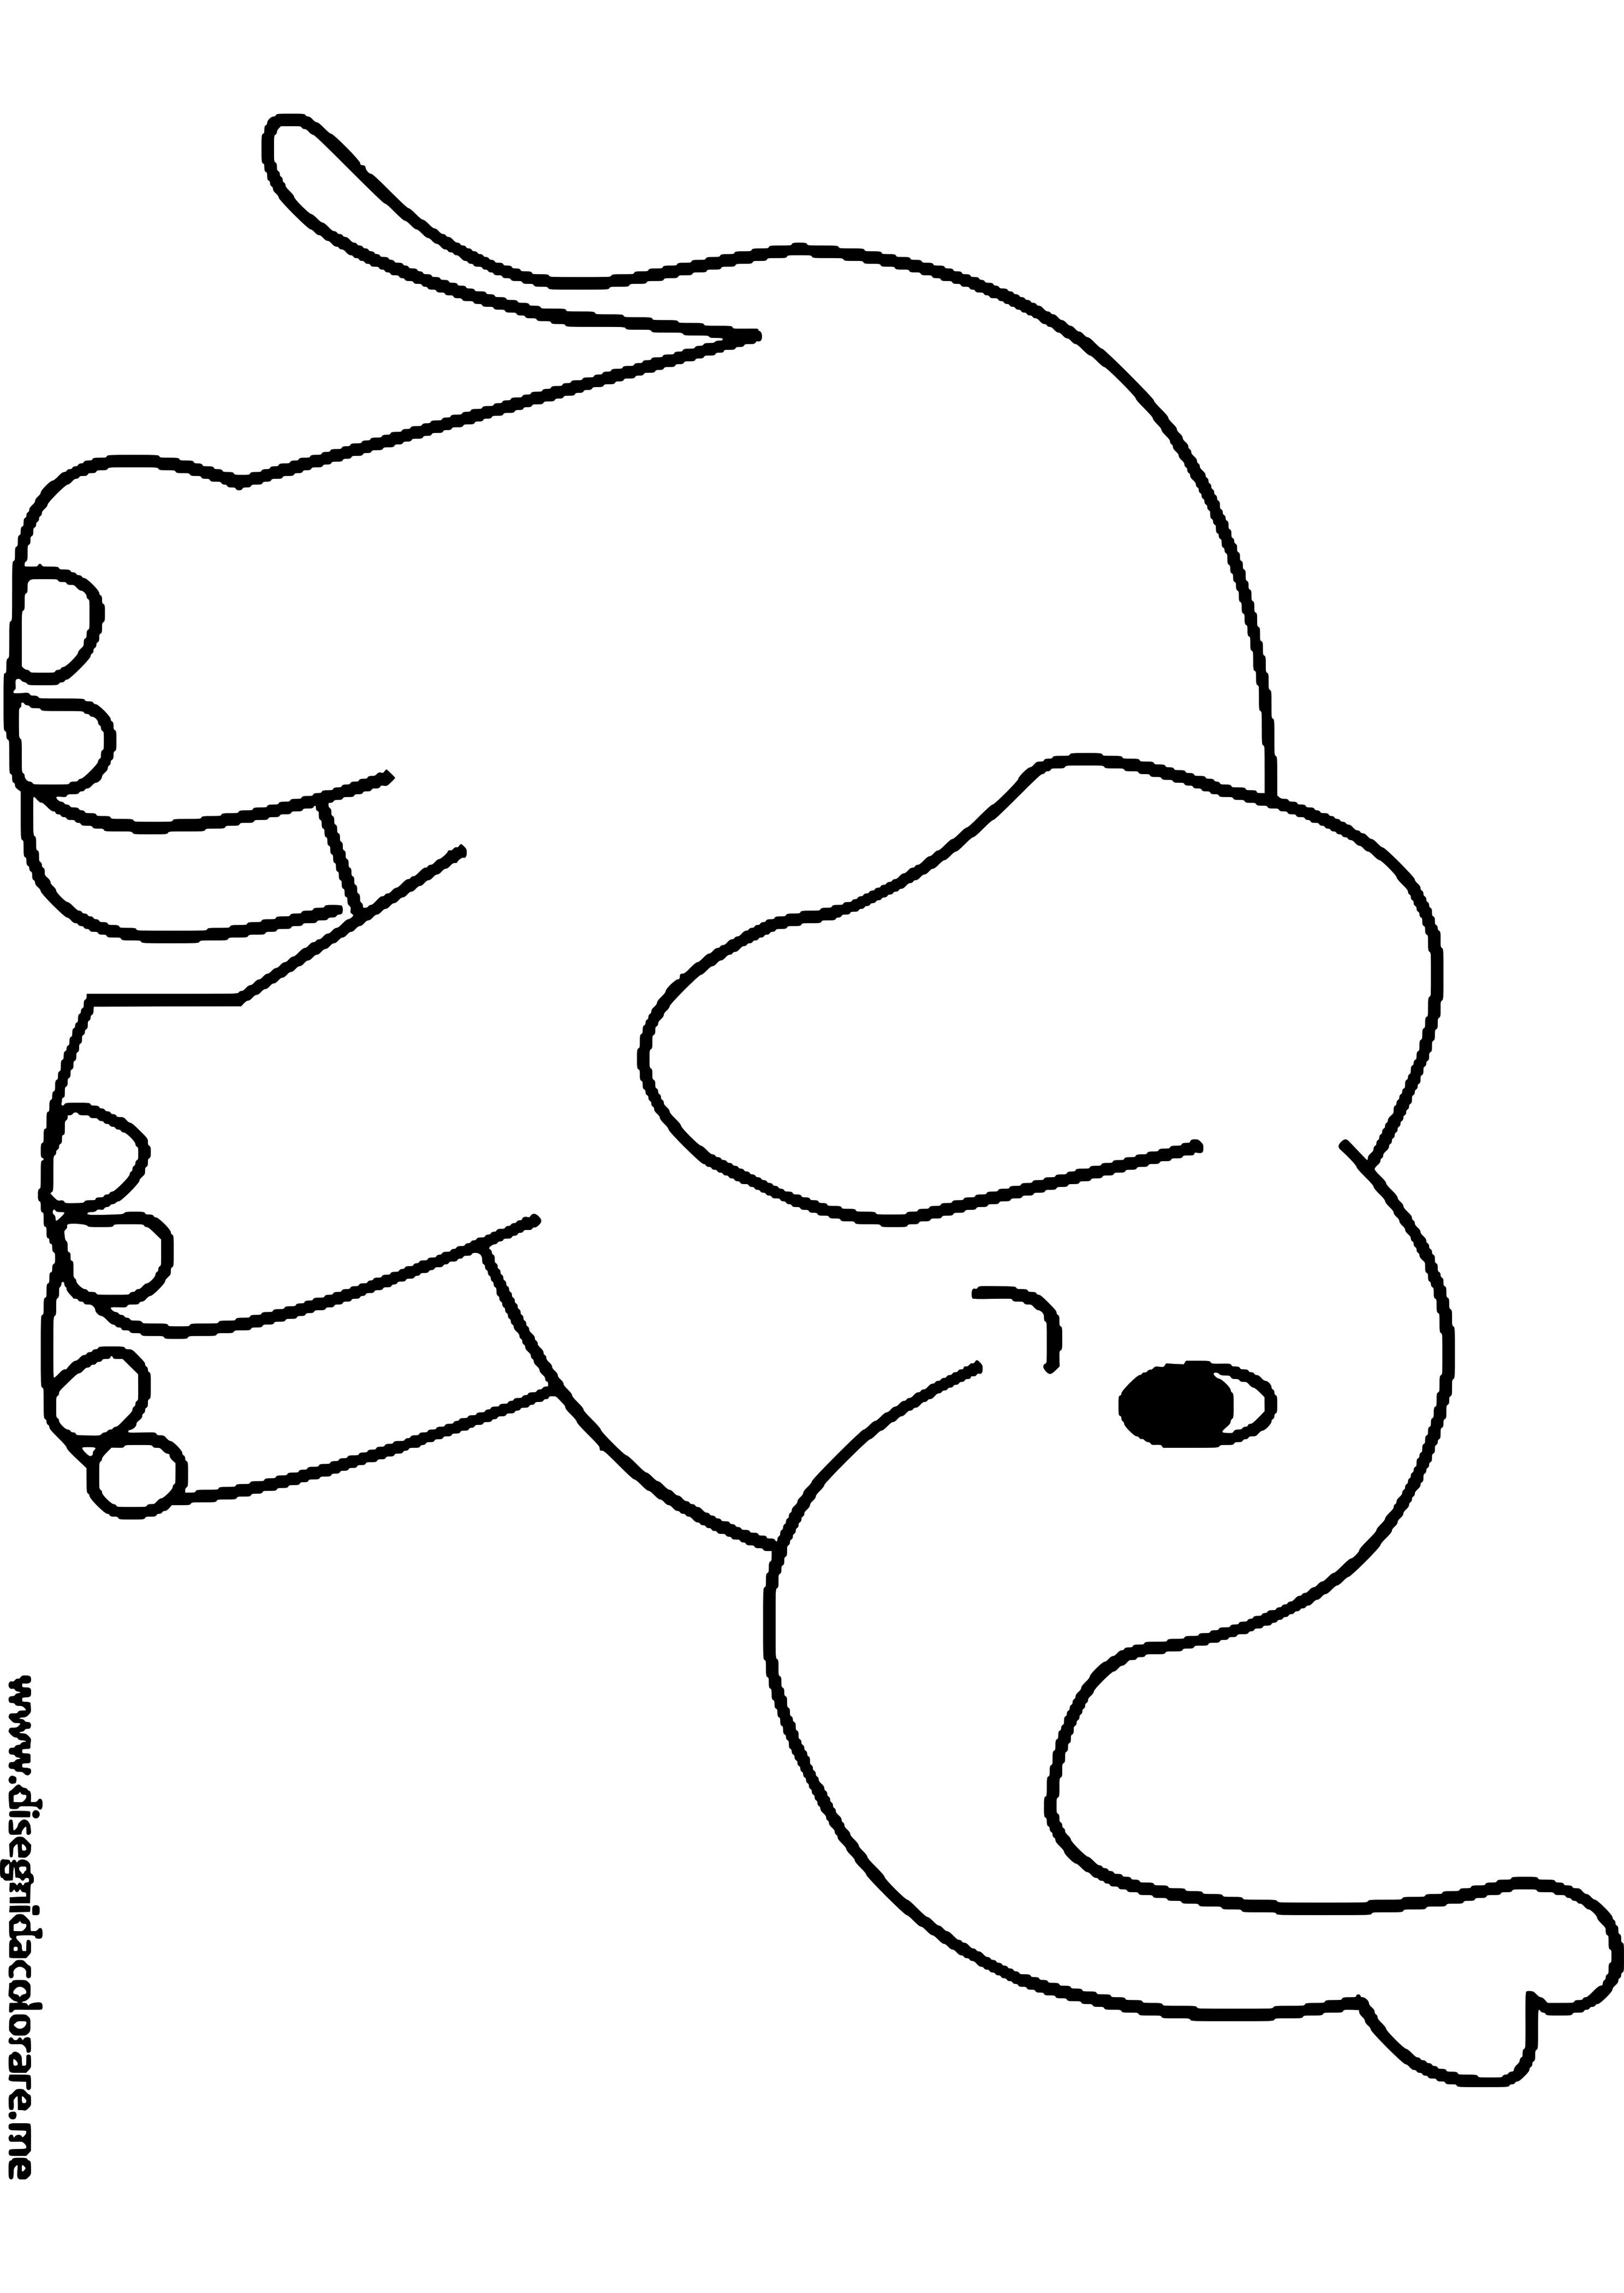 die besten malvorlagen elefant  beste wohnkultur